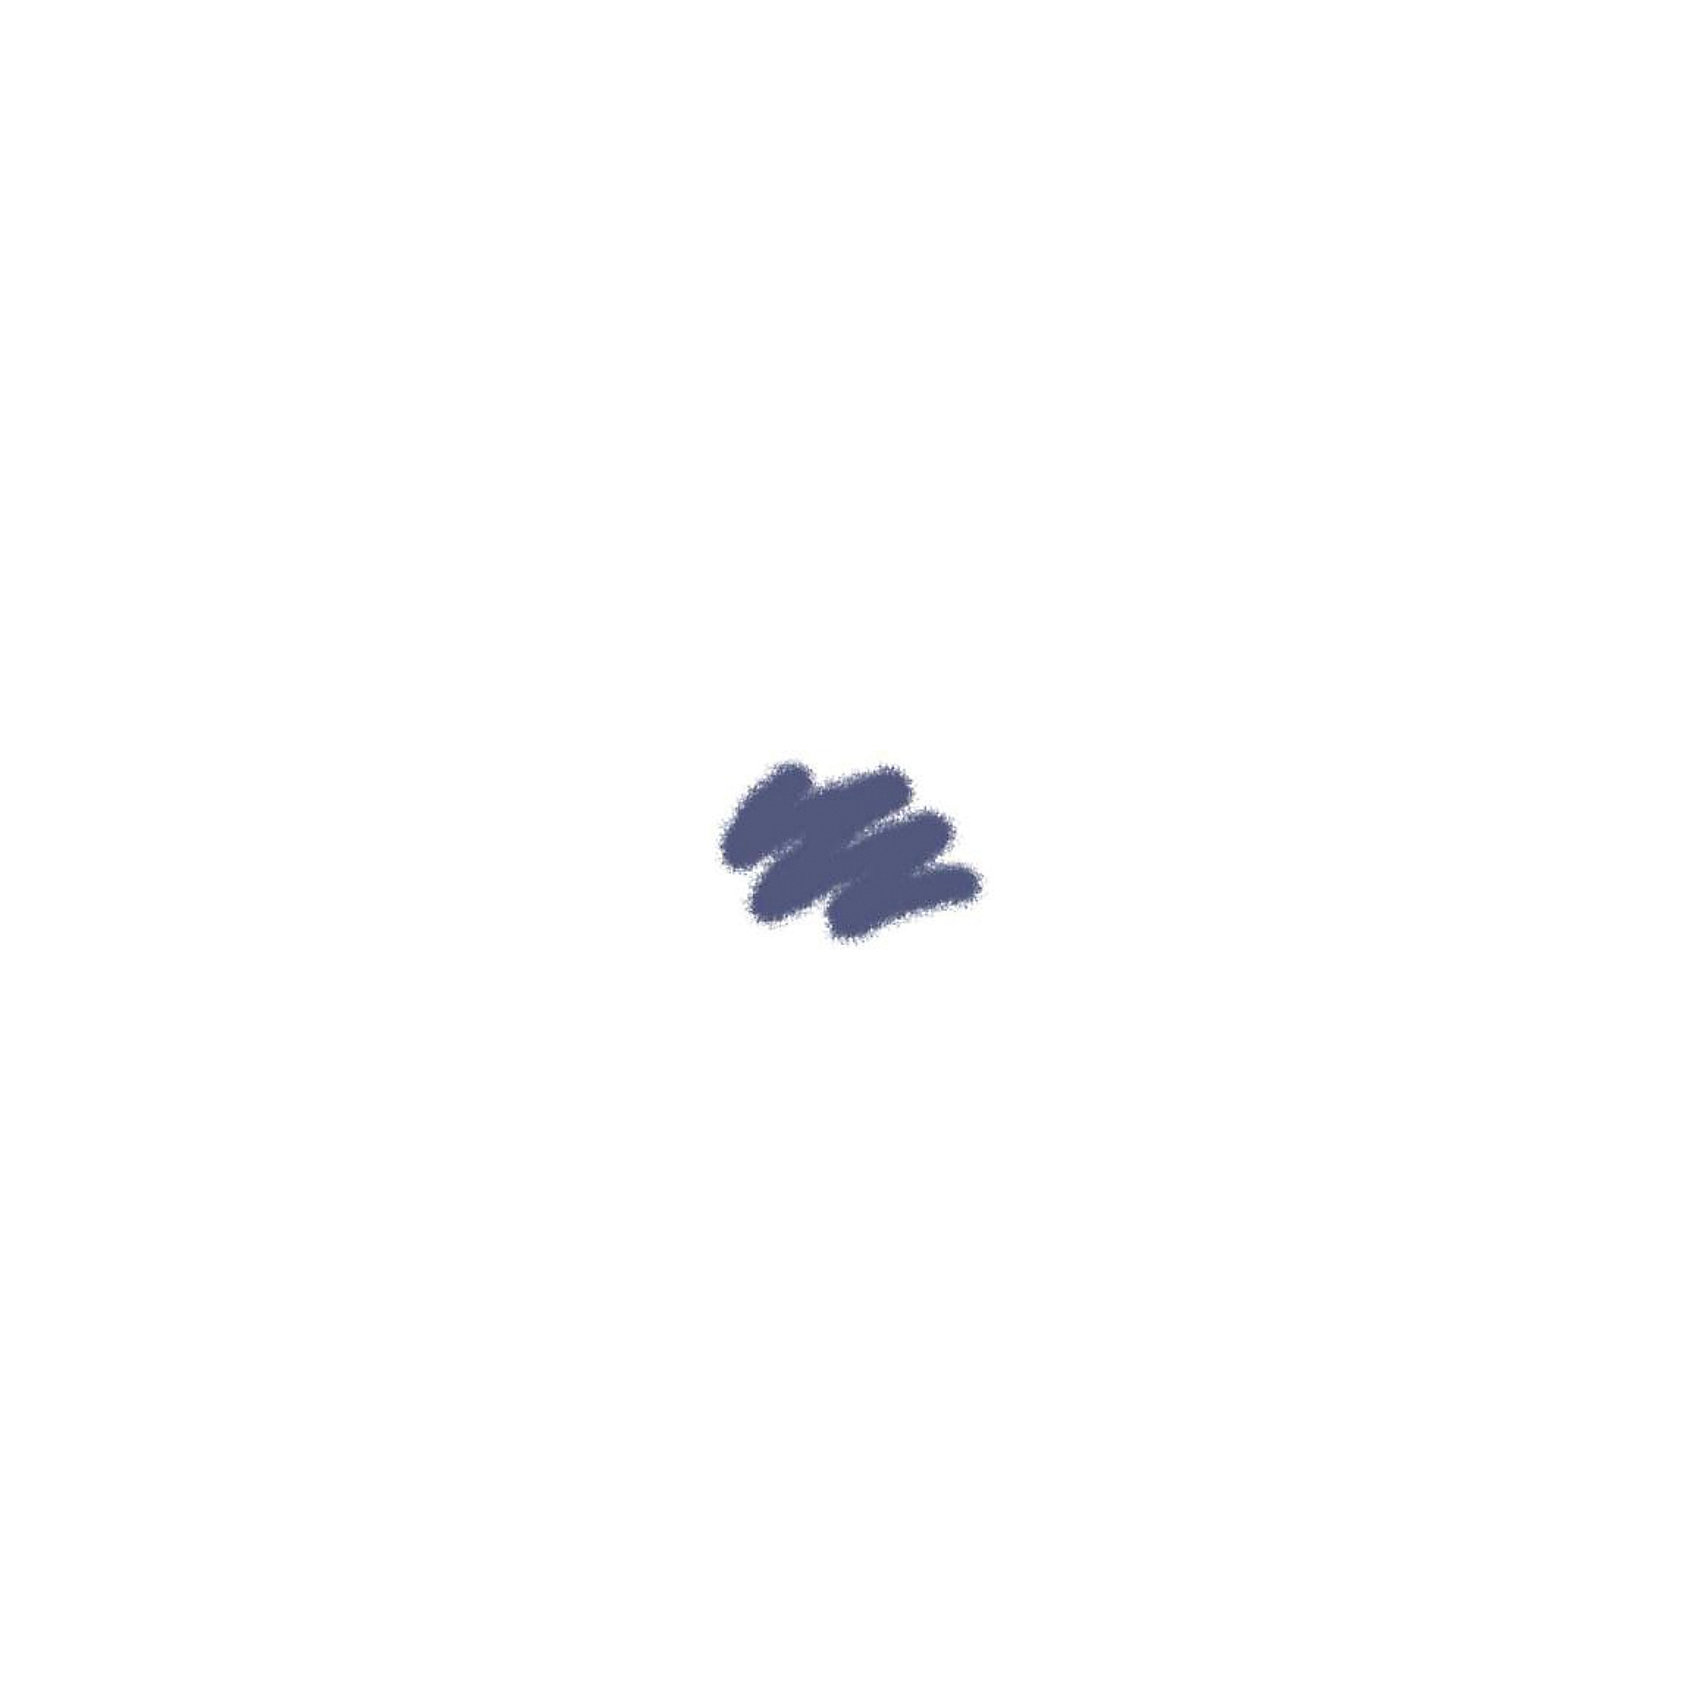 Акриловая краска для моделей Звезда, шаровая 12 млМодели для склеивания<br>Краска шаровая (шт)<br><br>Ширина мм: 18<br>Глубина мм: 18<br>Высота мм: 58<br>Вес г: 19<br>Возраст от месяцев: 72<br>Возраст до месяцев: 180<br>Пол: Мужской<br>Возраст: Детский<br>SKU: 7086639